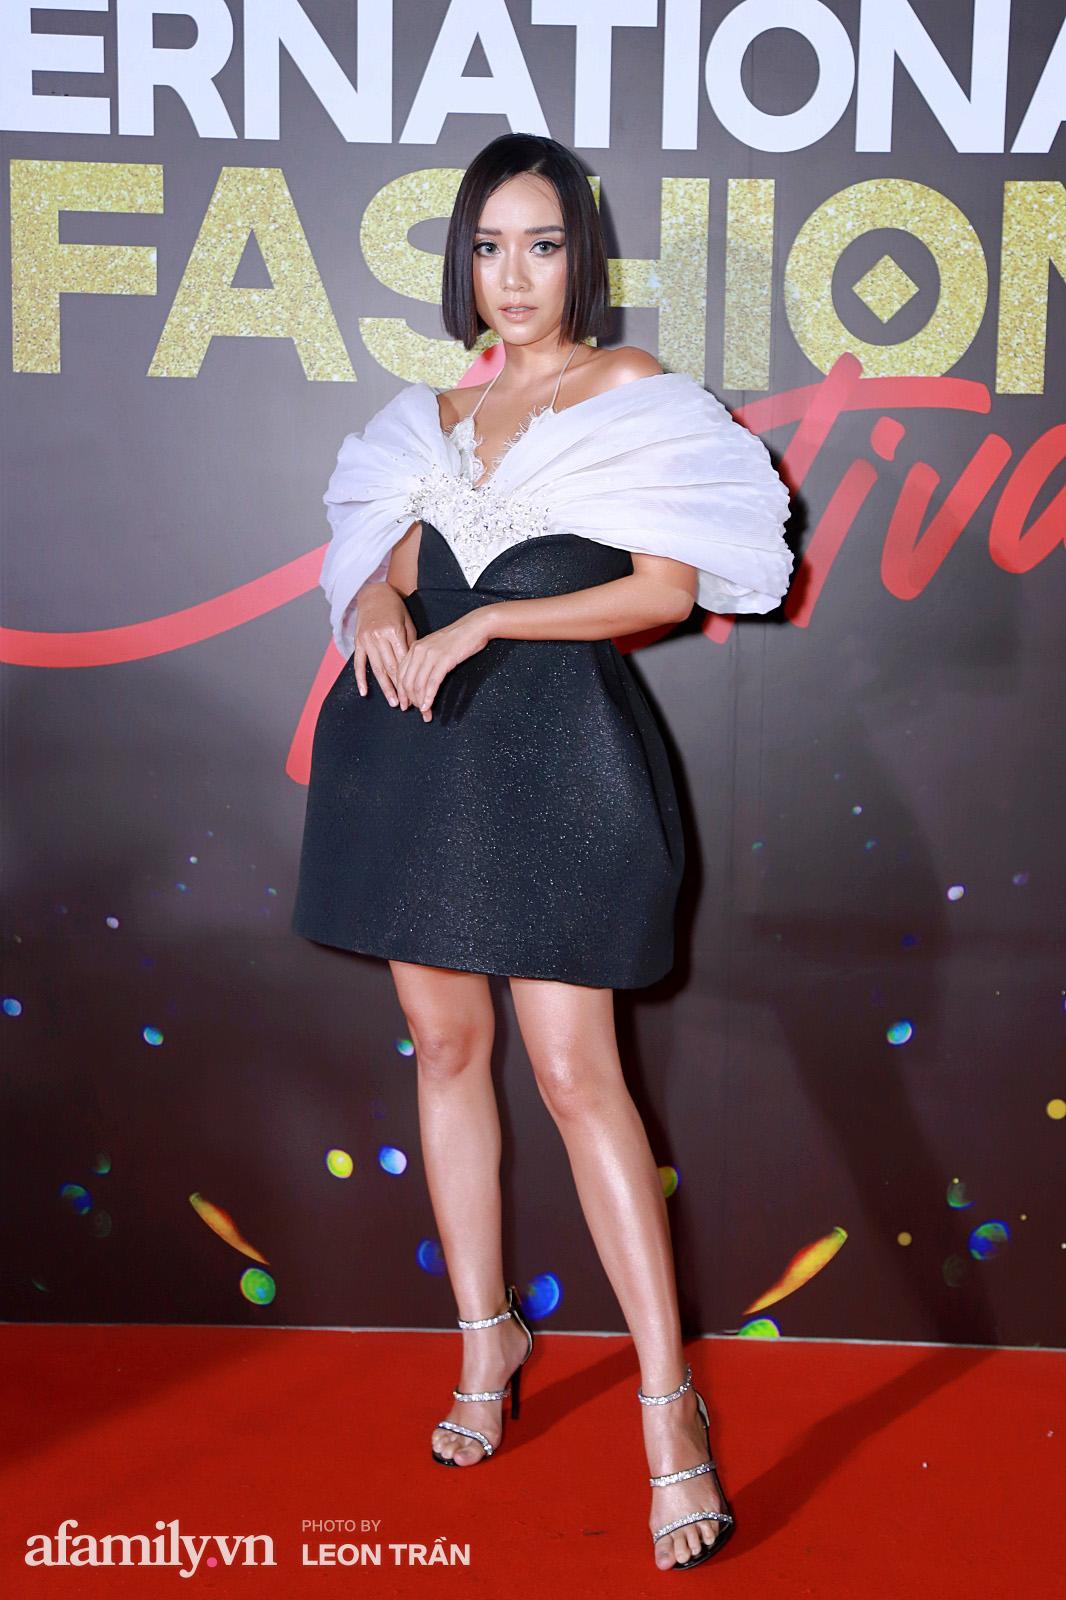 """Fashion Festival ngày cuối: Midu đẹp tựa thần tiên, nhưng giật spotlight lại là gương mặt """"mới cứng"""" của showbiz Việt  - Ảnh 11."""